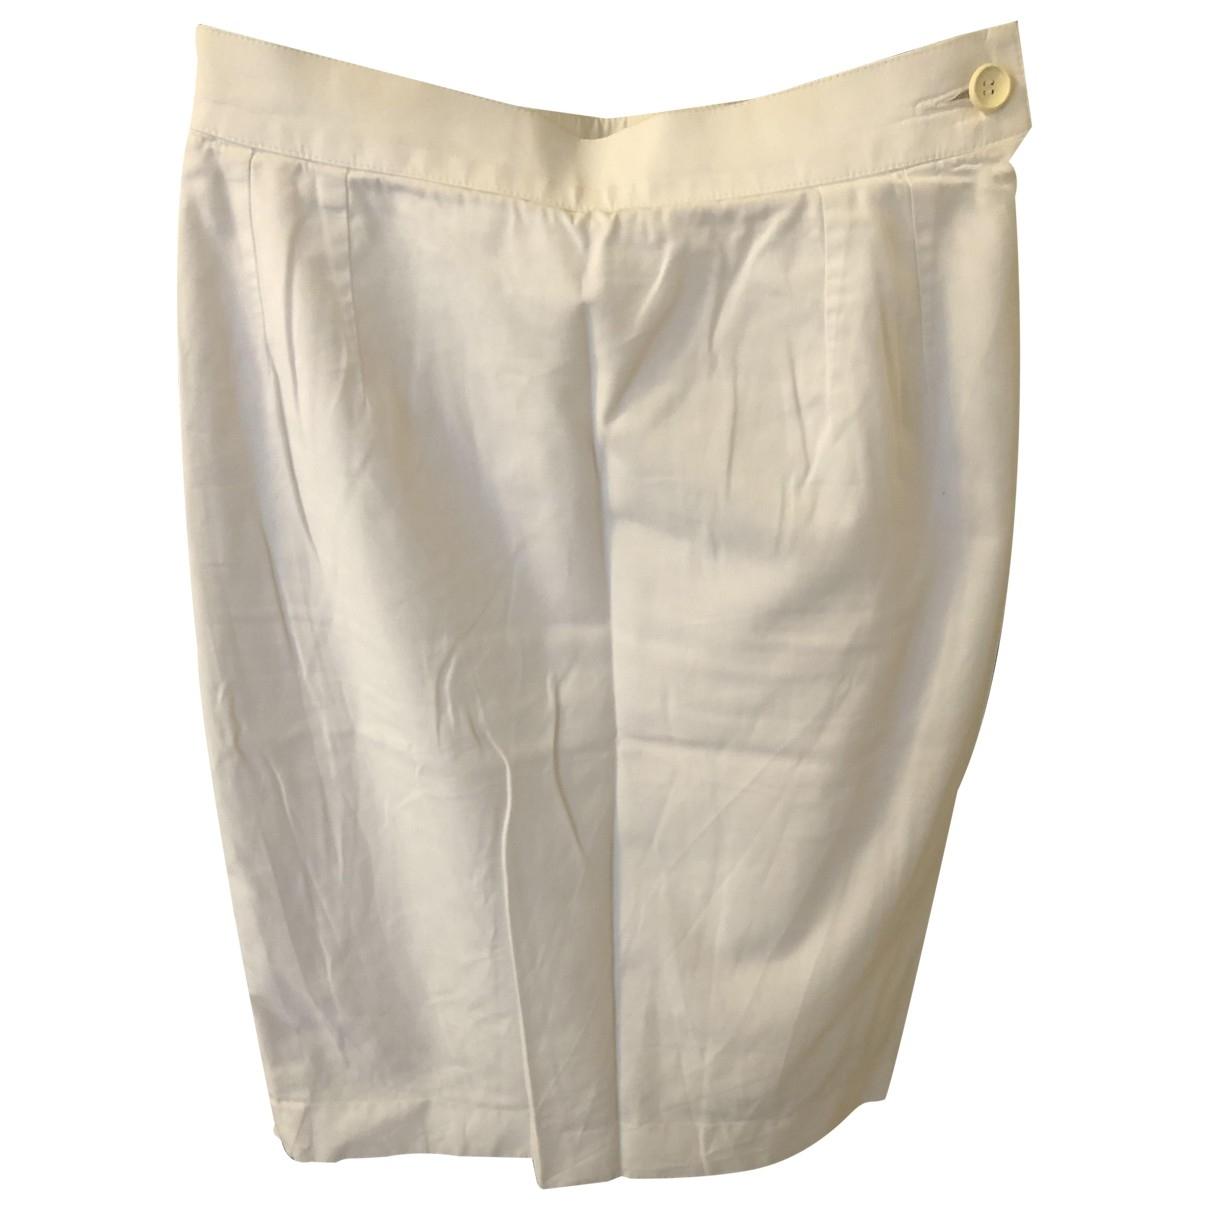 Yves Saint Laurent \N White Cotton skirt for Women 38 FR